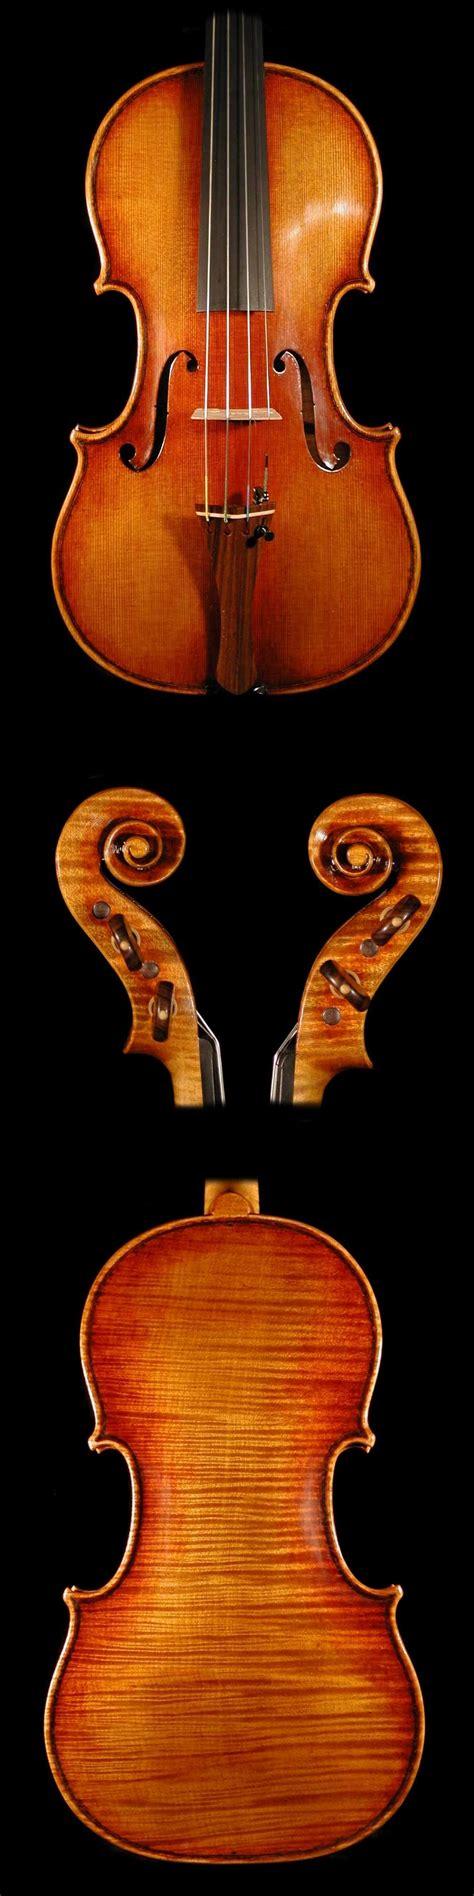 violin cremona italy Vittorio Villa violinmaker